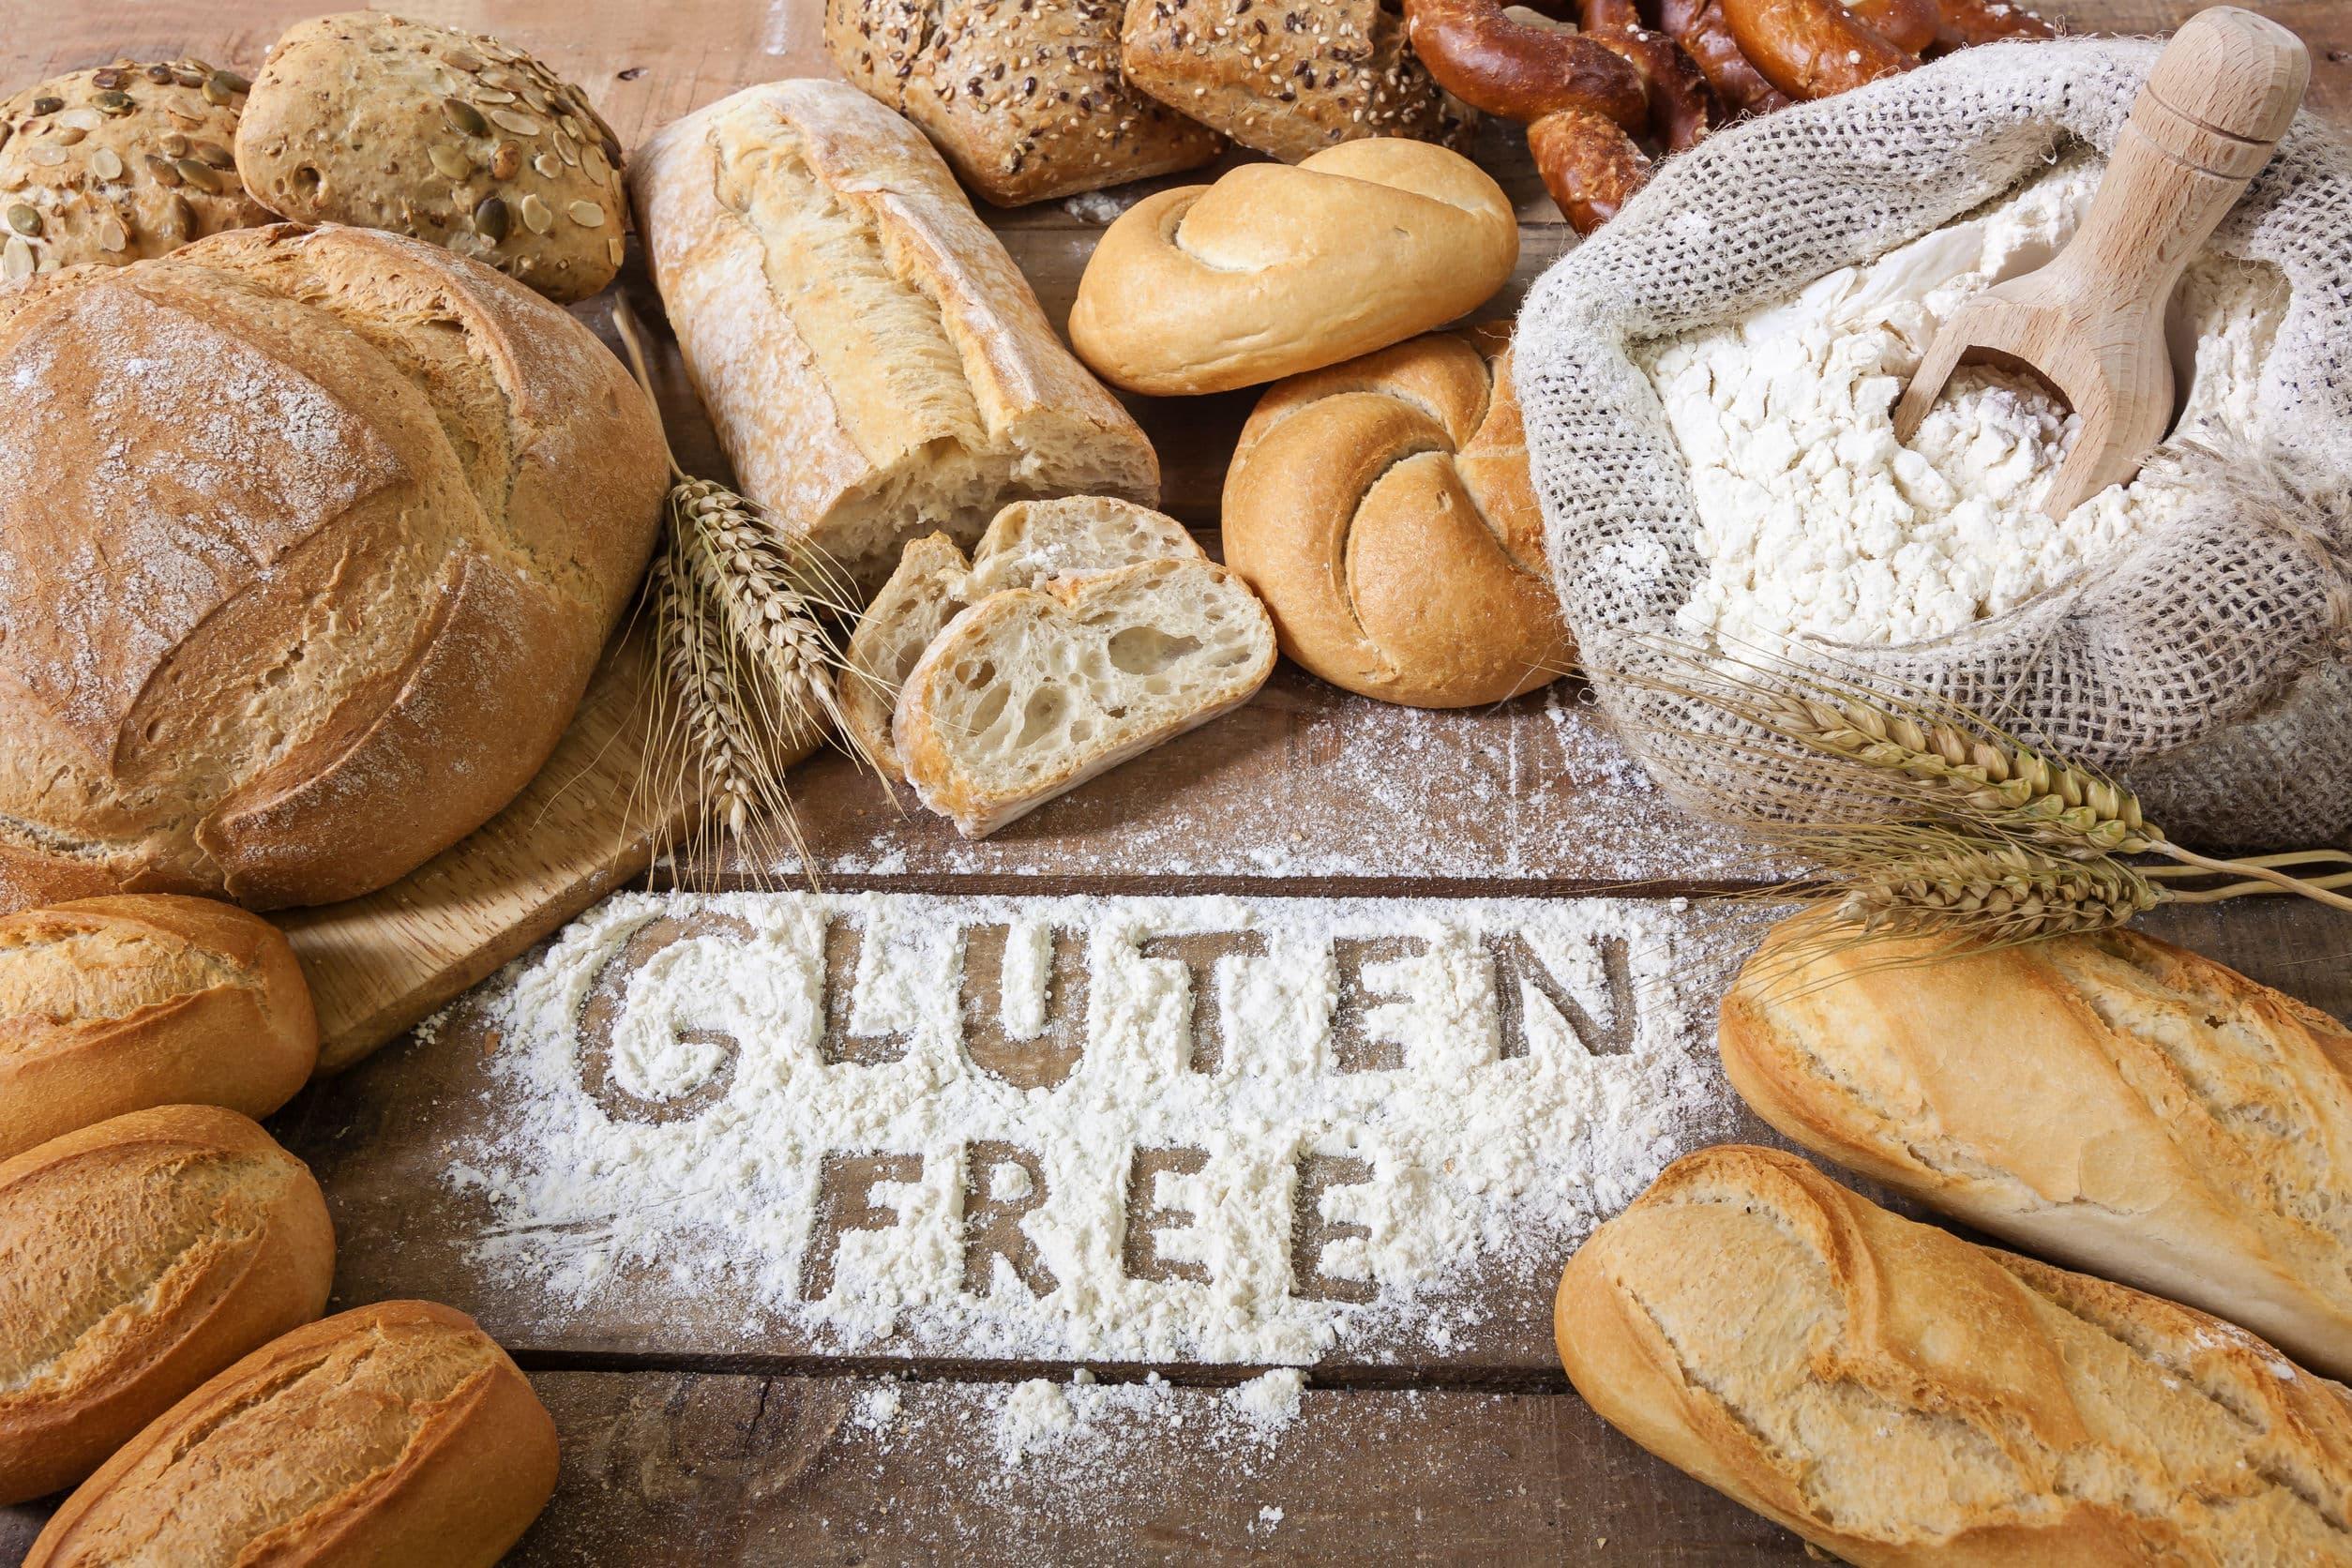 Gluten-Free Gluttony